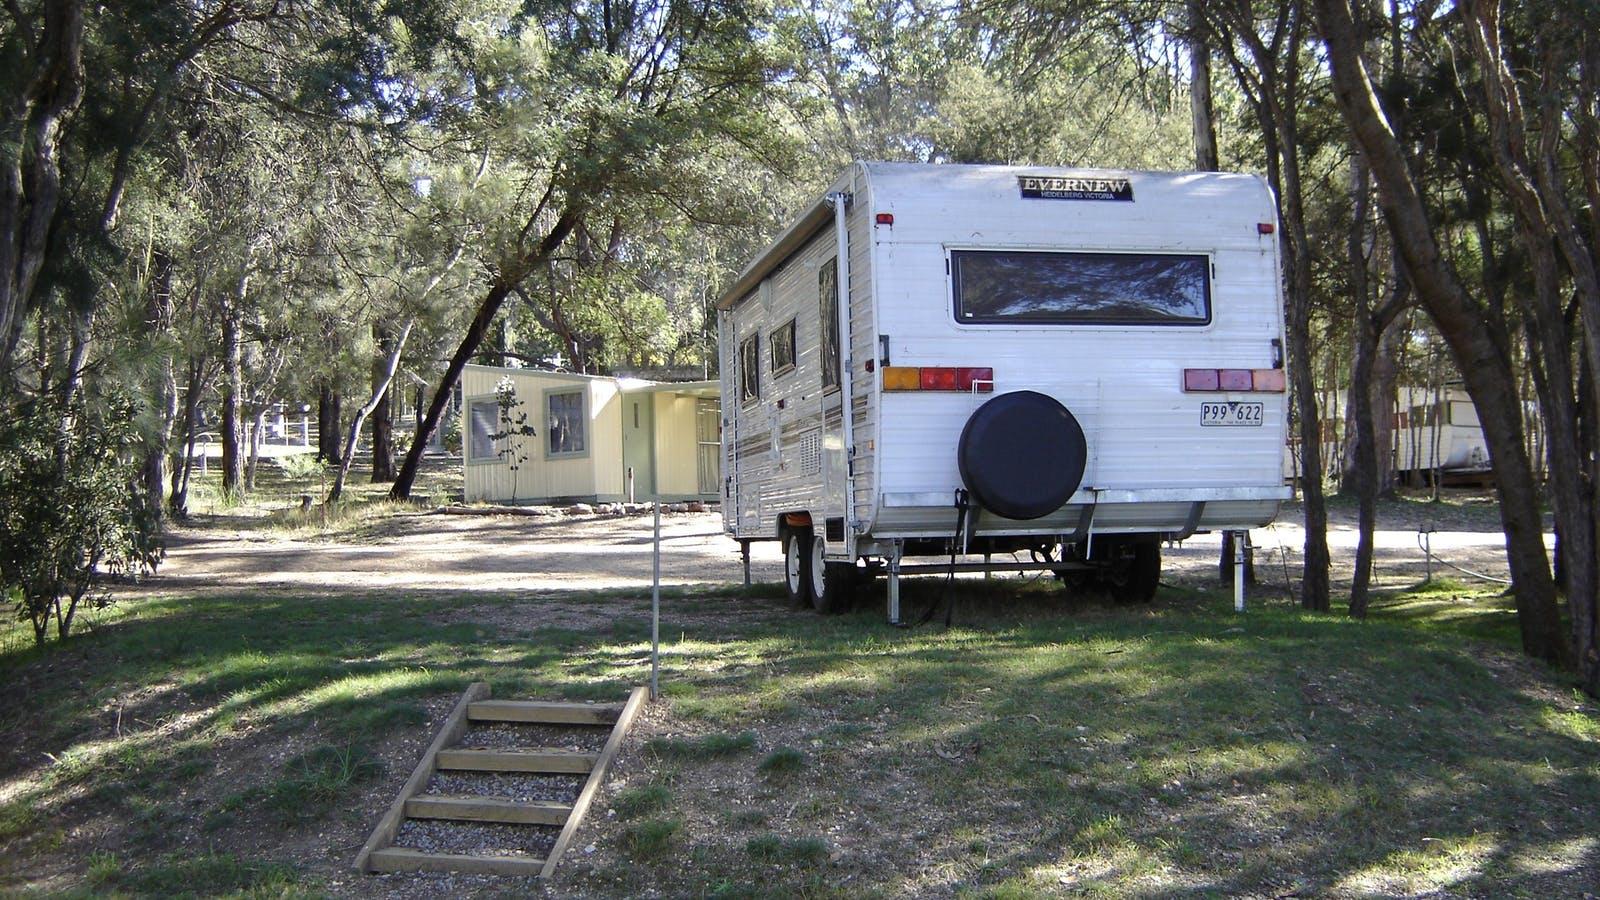 Caravan sites in bush setting